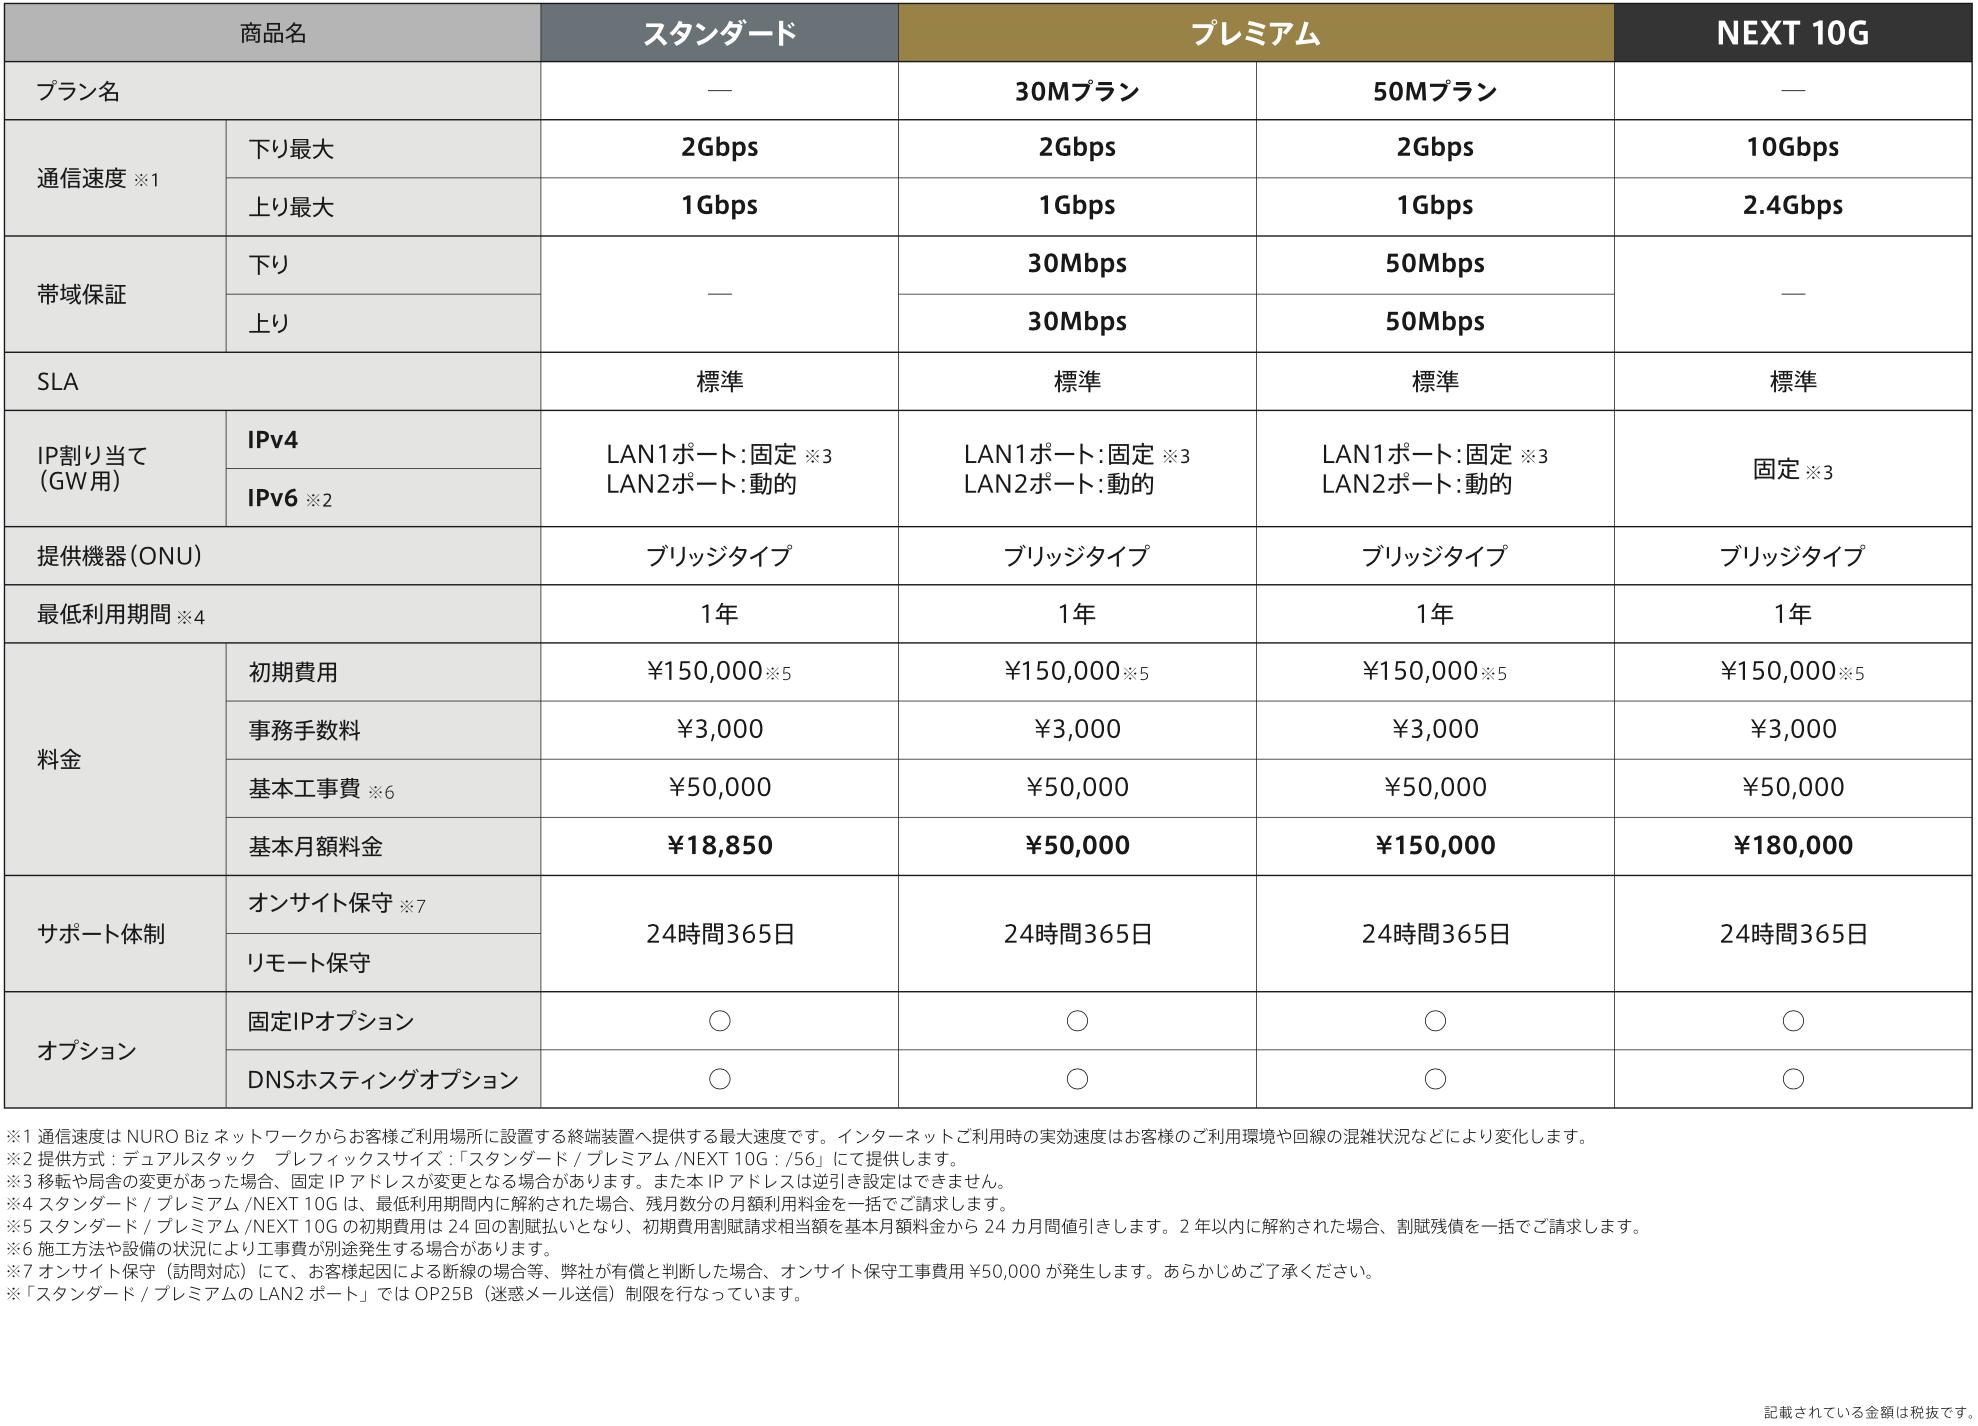 NURO価格表